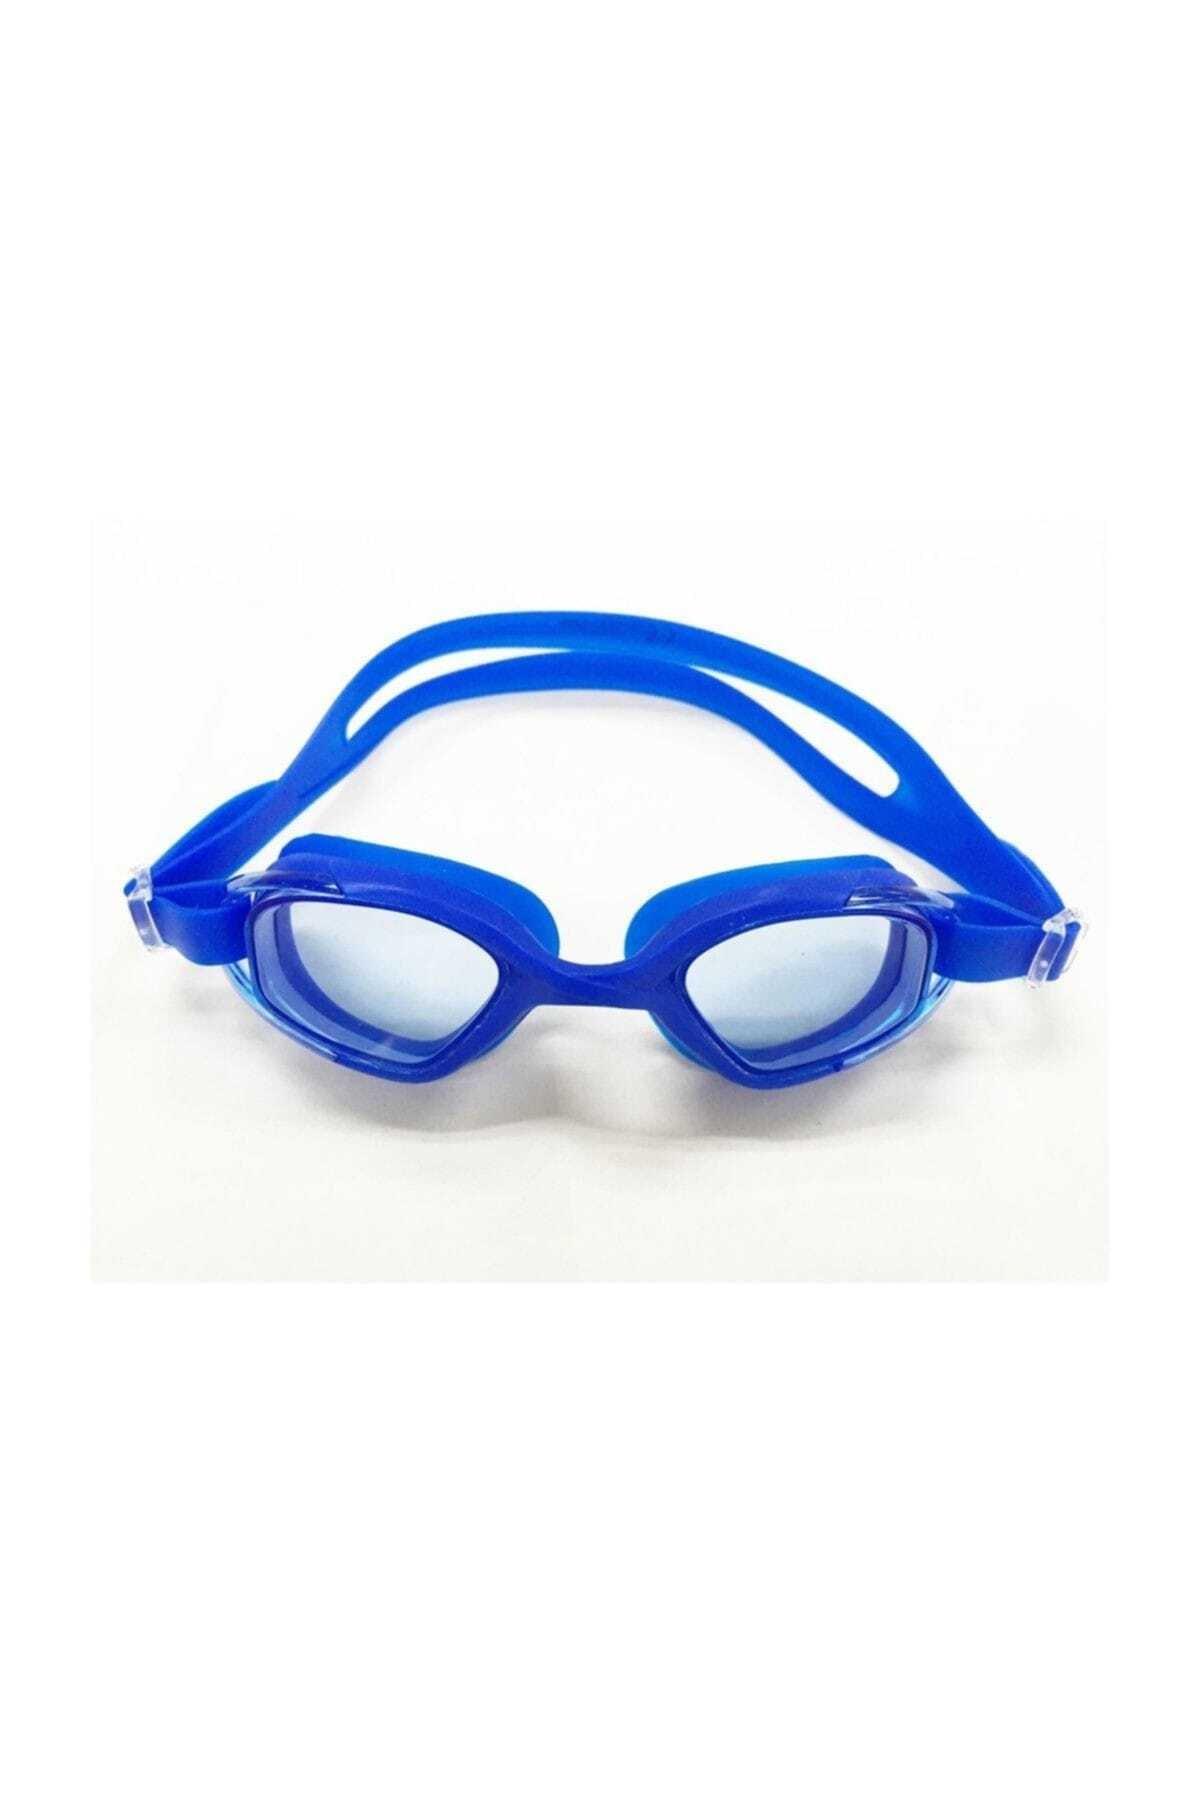 GS3 Yetişkin Silikon Havuz Deniz Yüzücü Gözlüğü Lüks Kutulu